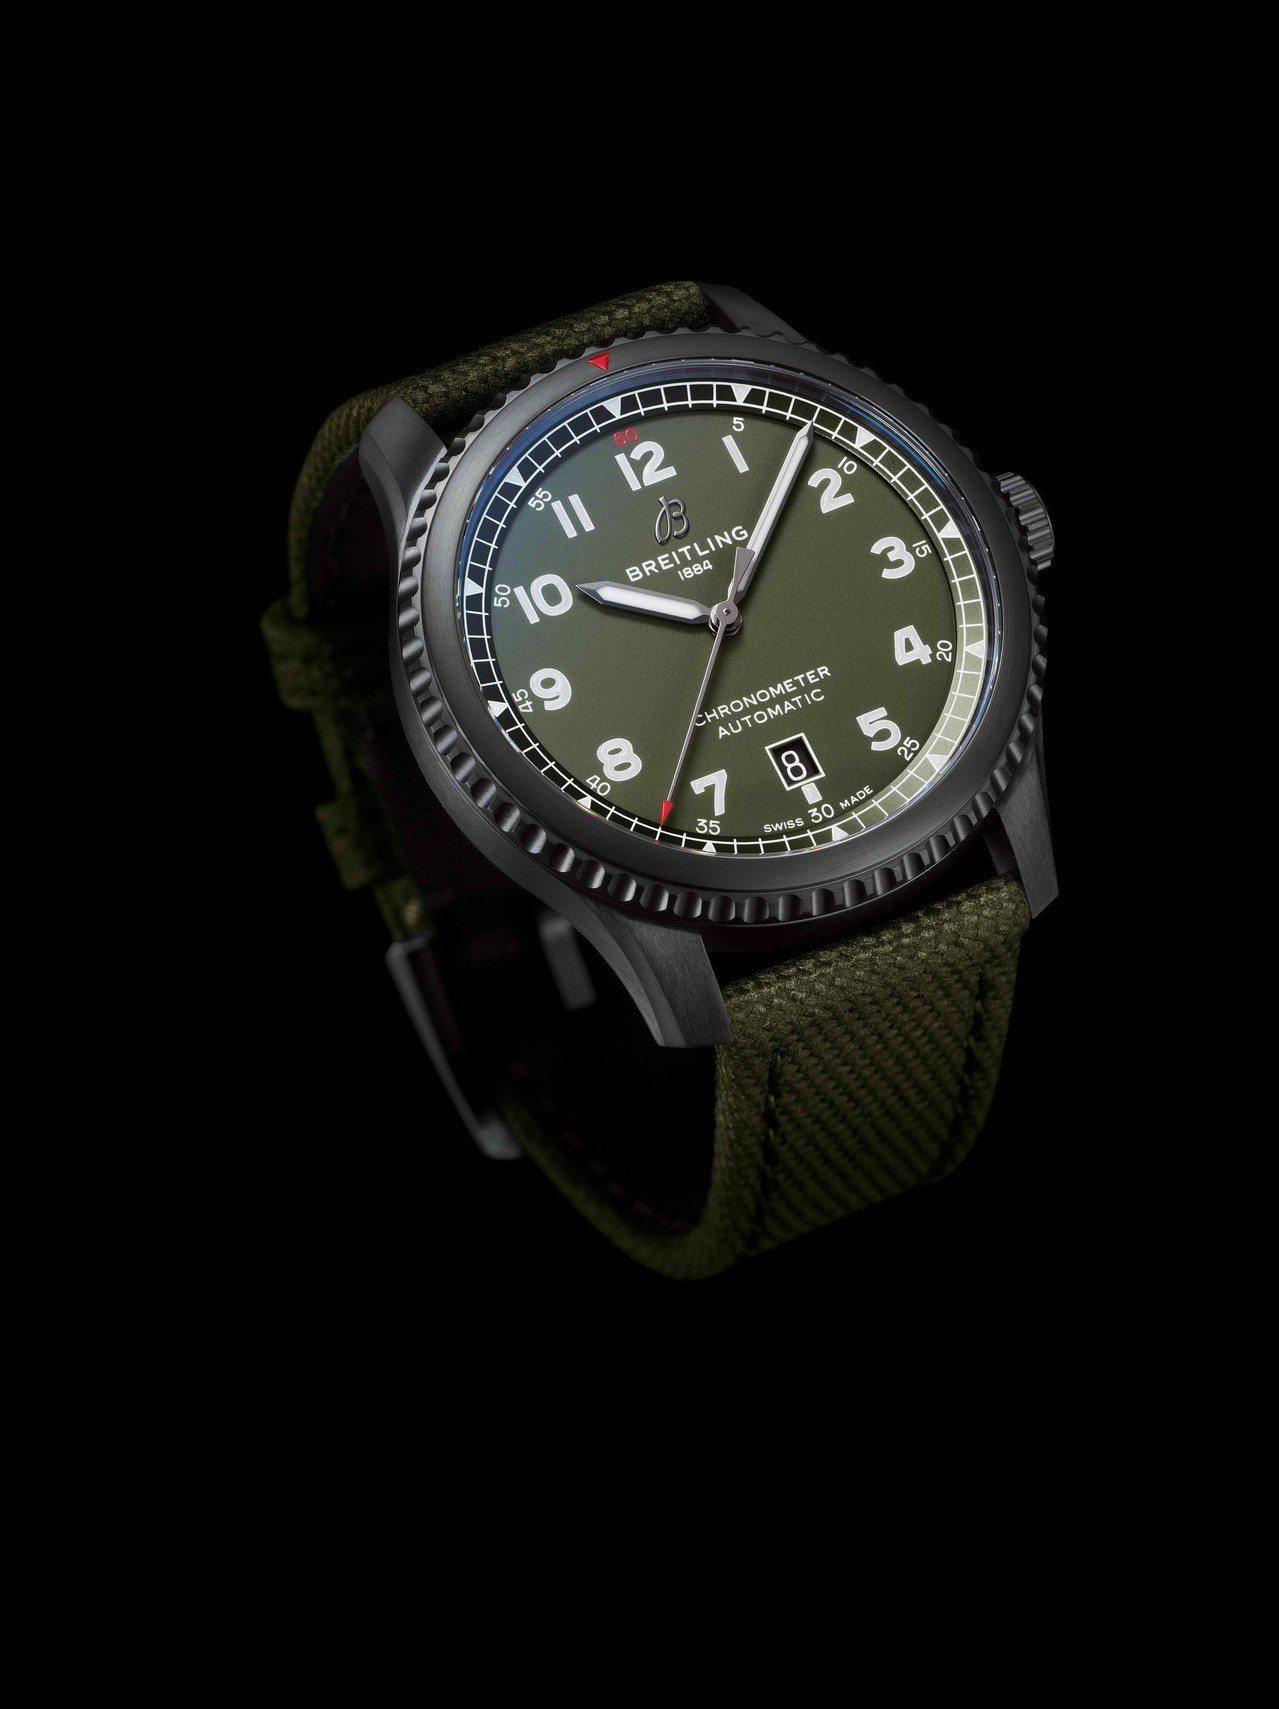 百年靈Aviator 8 Automatic 41寇帝斯戰鷹自動航空腕表,13萬...